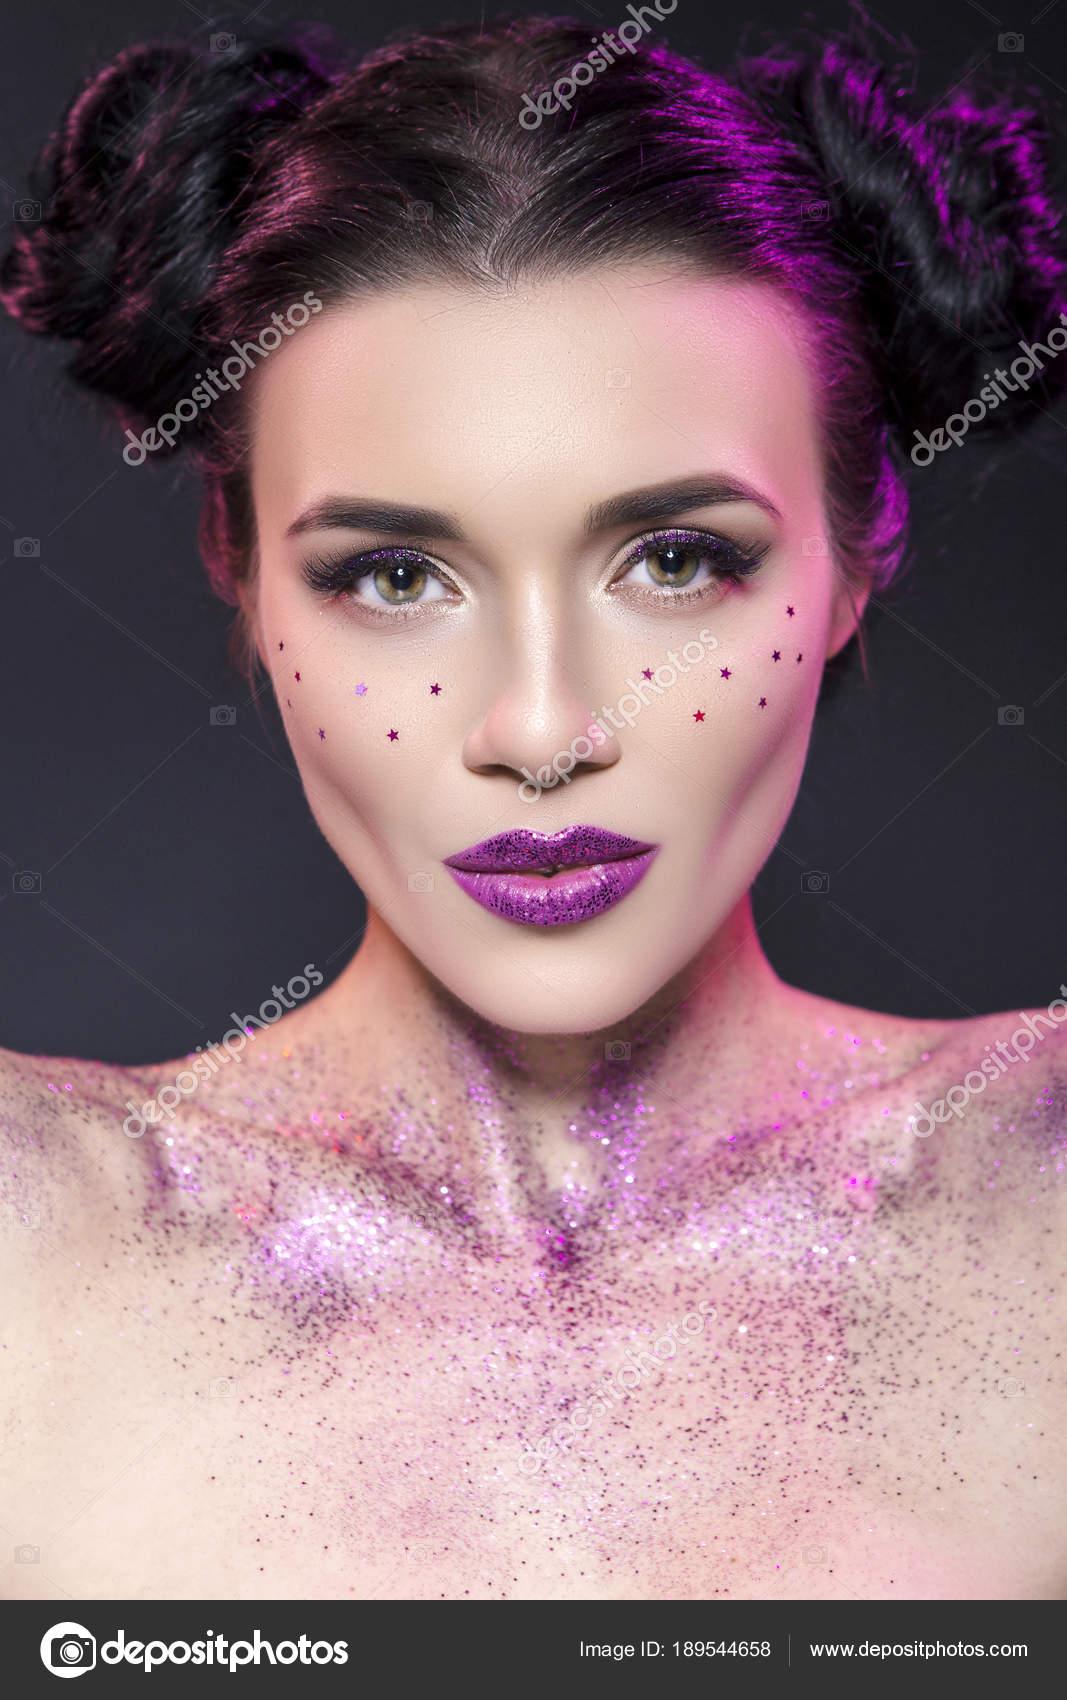 Hautnah Beauty Portrait Von Einem Fantasy Kunst Thema Star Wars